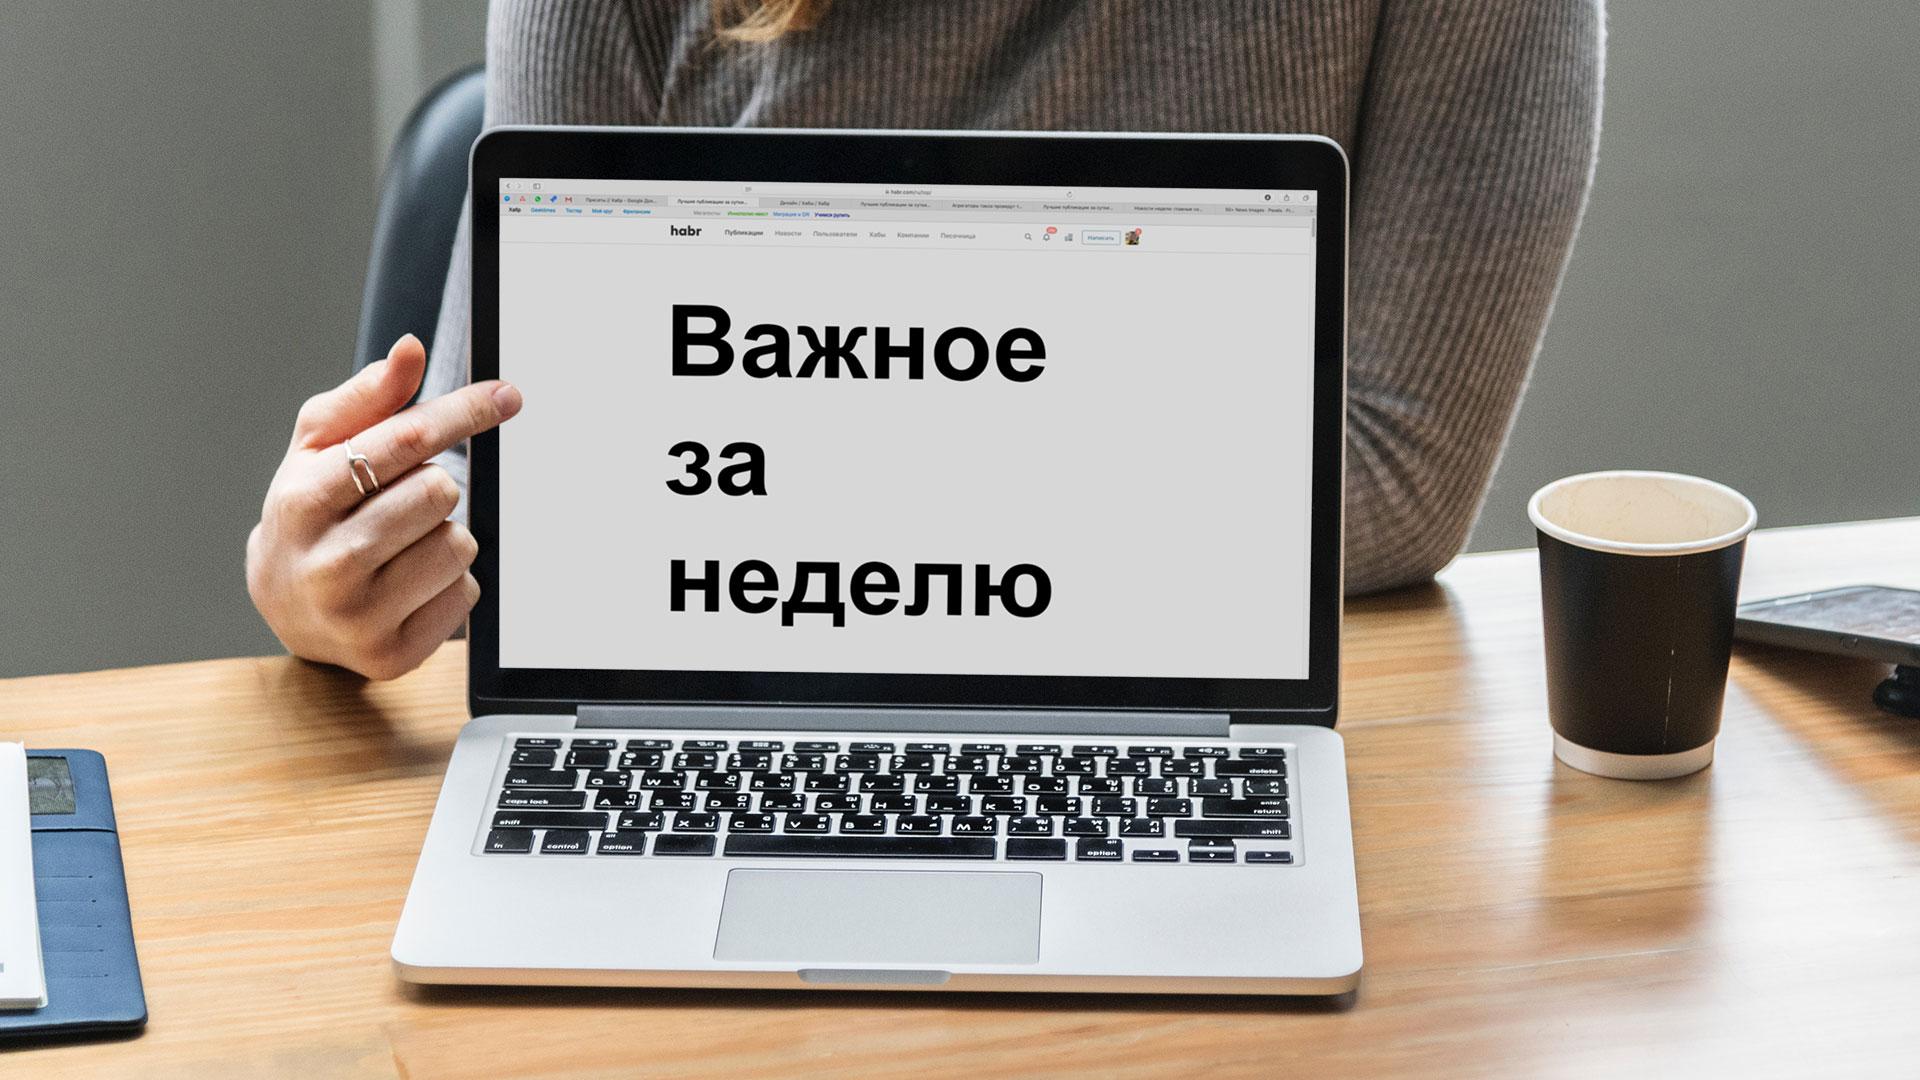 Новости недели: Raspberry Pi 4 в продаже, интернет на ЕГЭ, Роскомнадзор и VPN-сервисы, нейросеть раздевает людей - 1